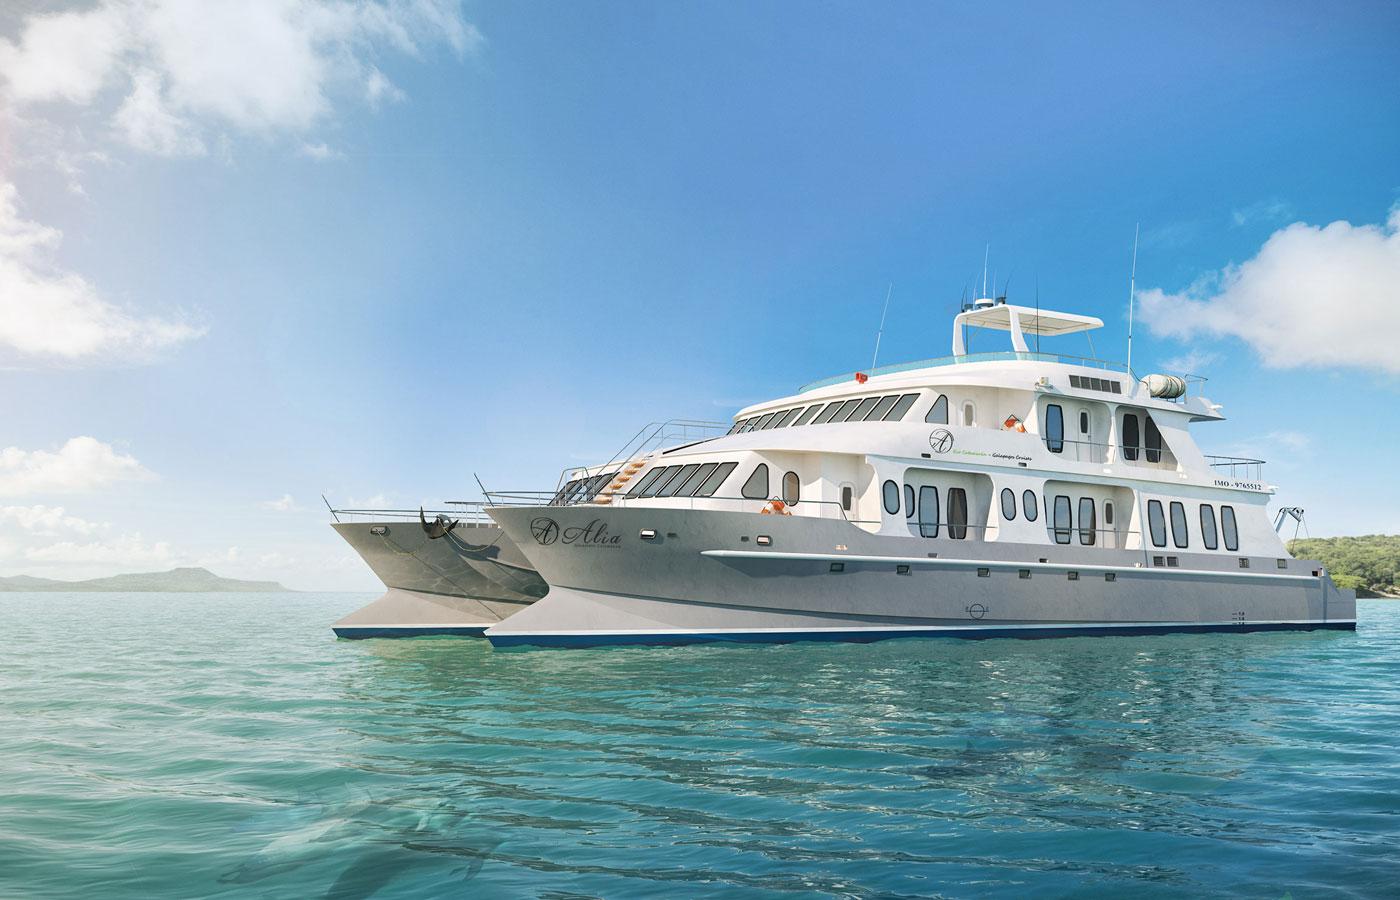 Alya Luxury Catamaran, the Galapagos Islands